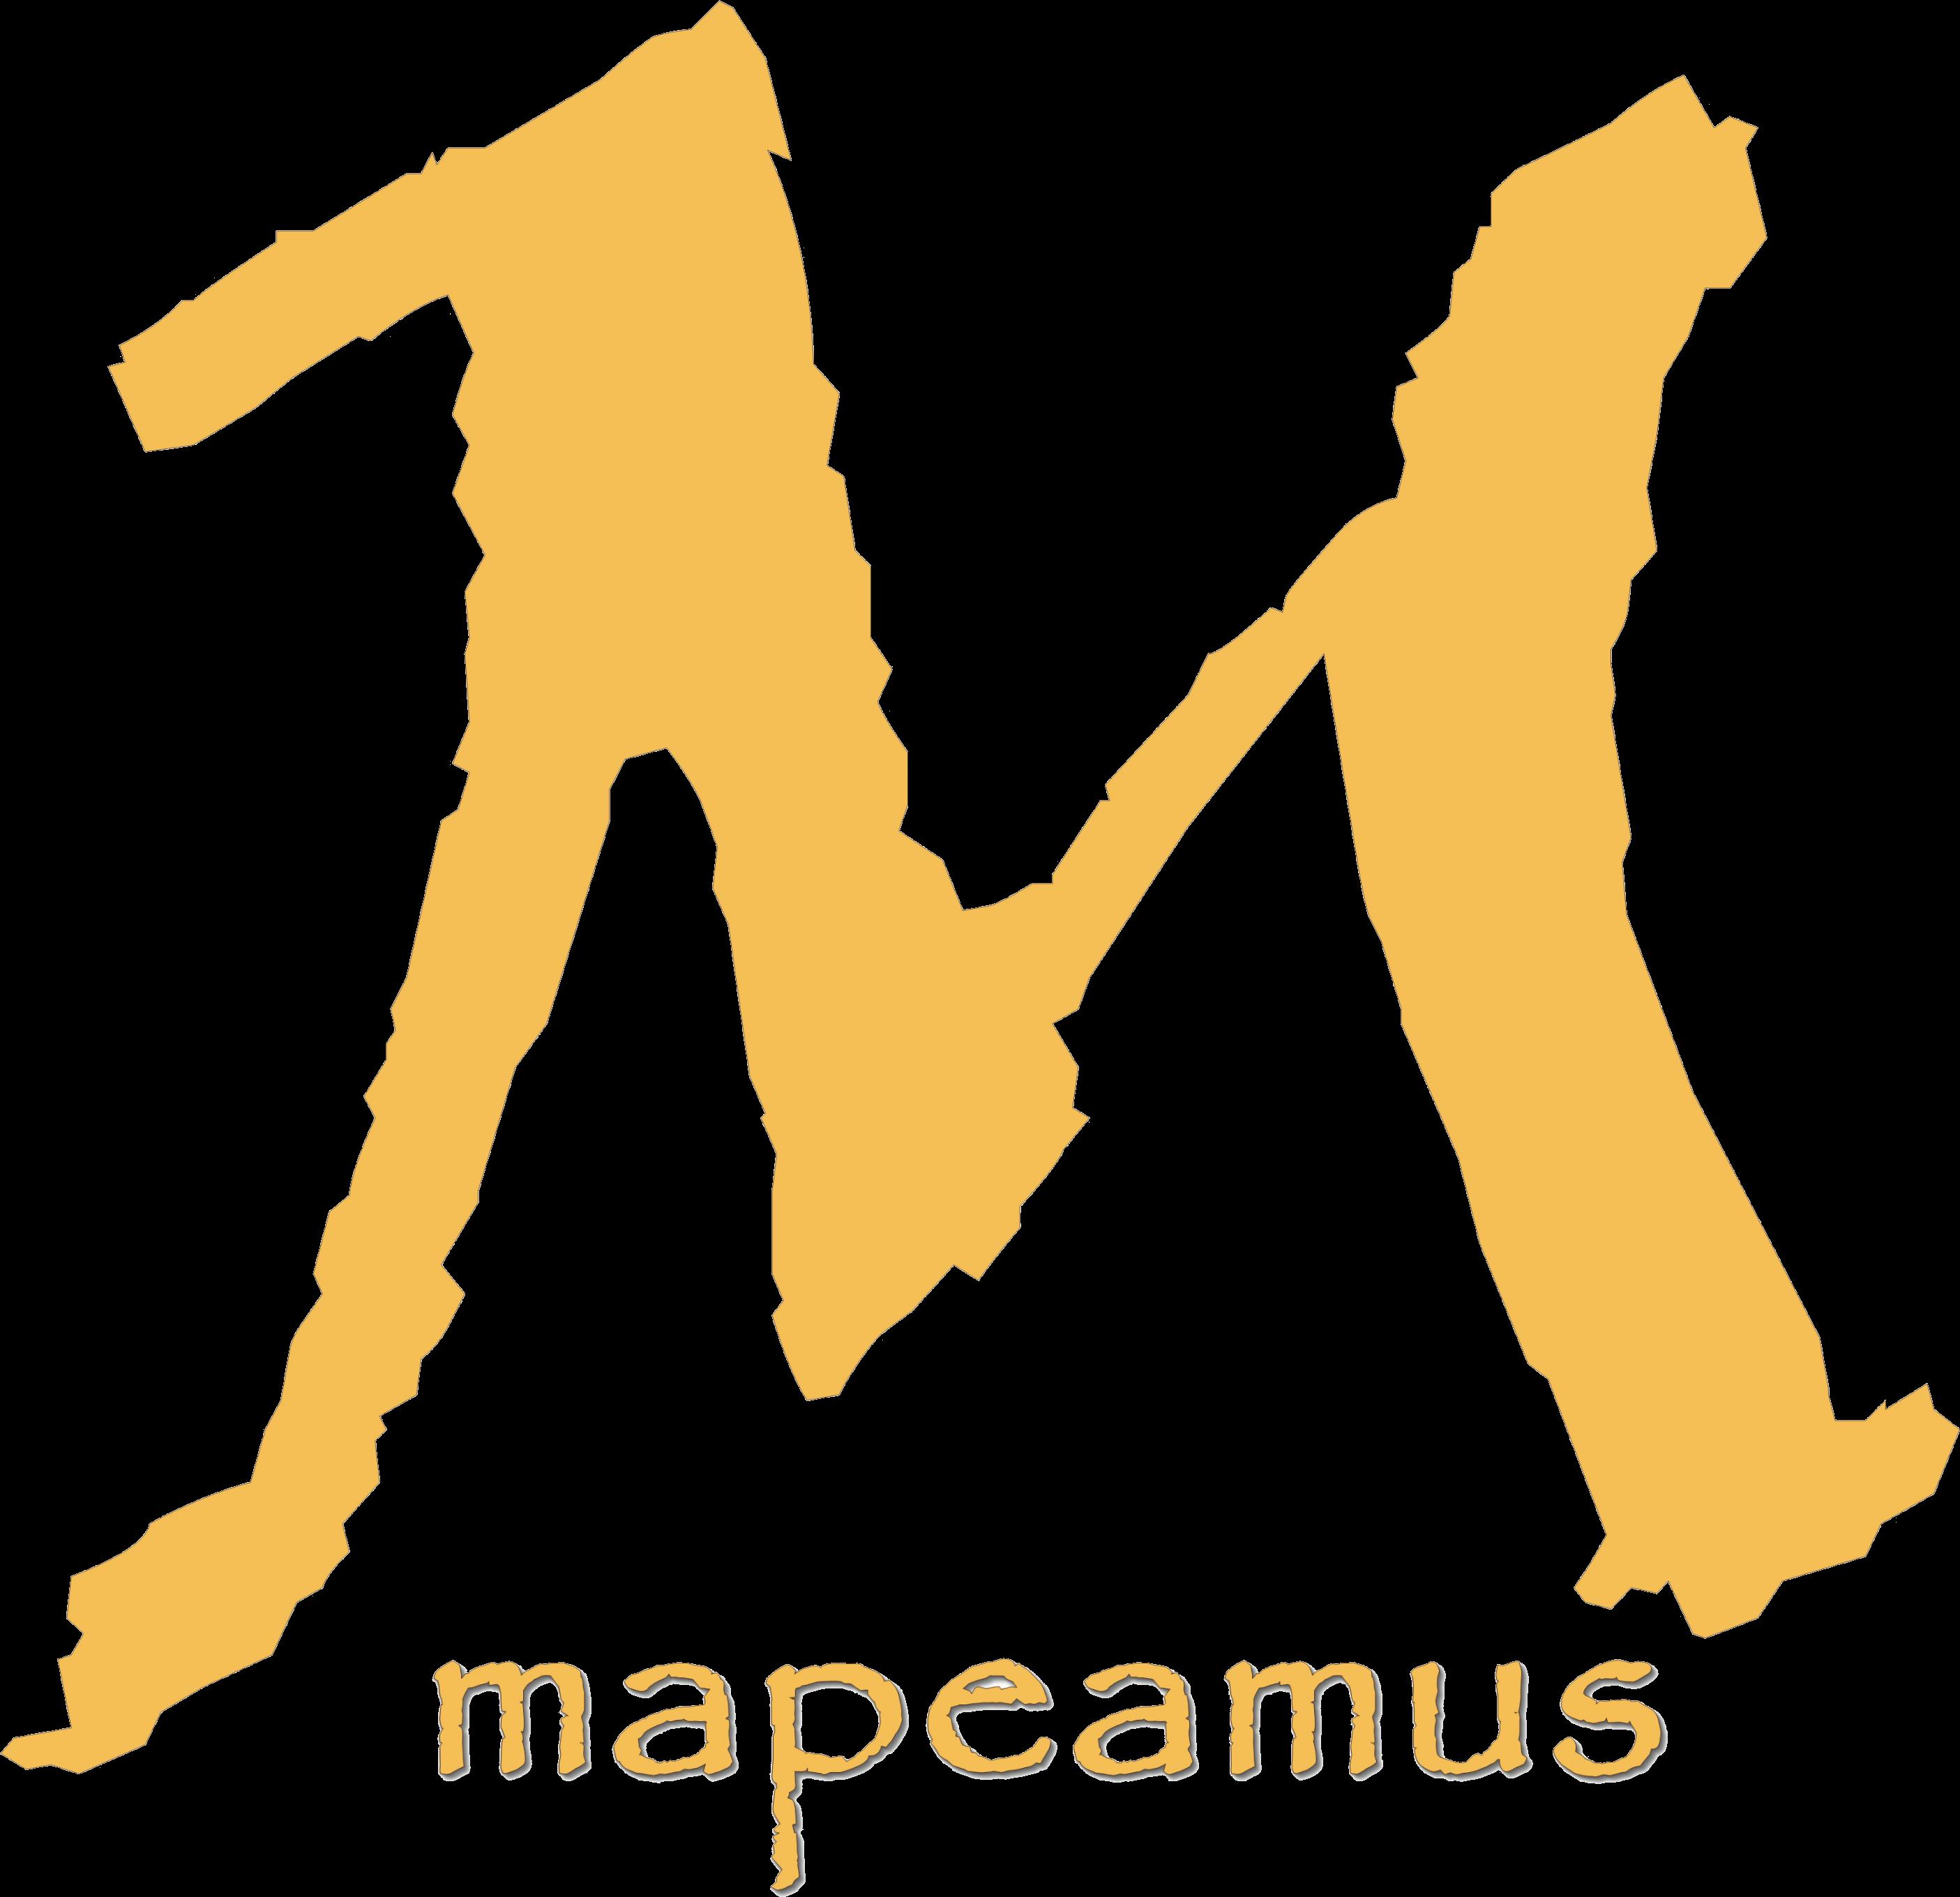 mapeamus-logo-nova-letra-transparente